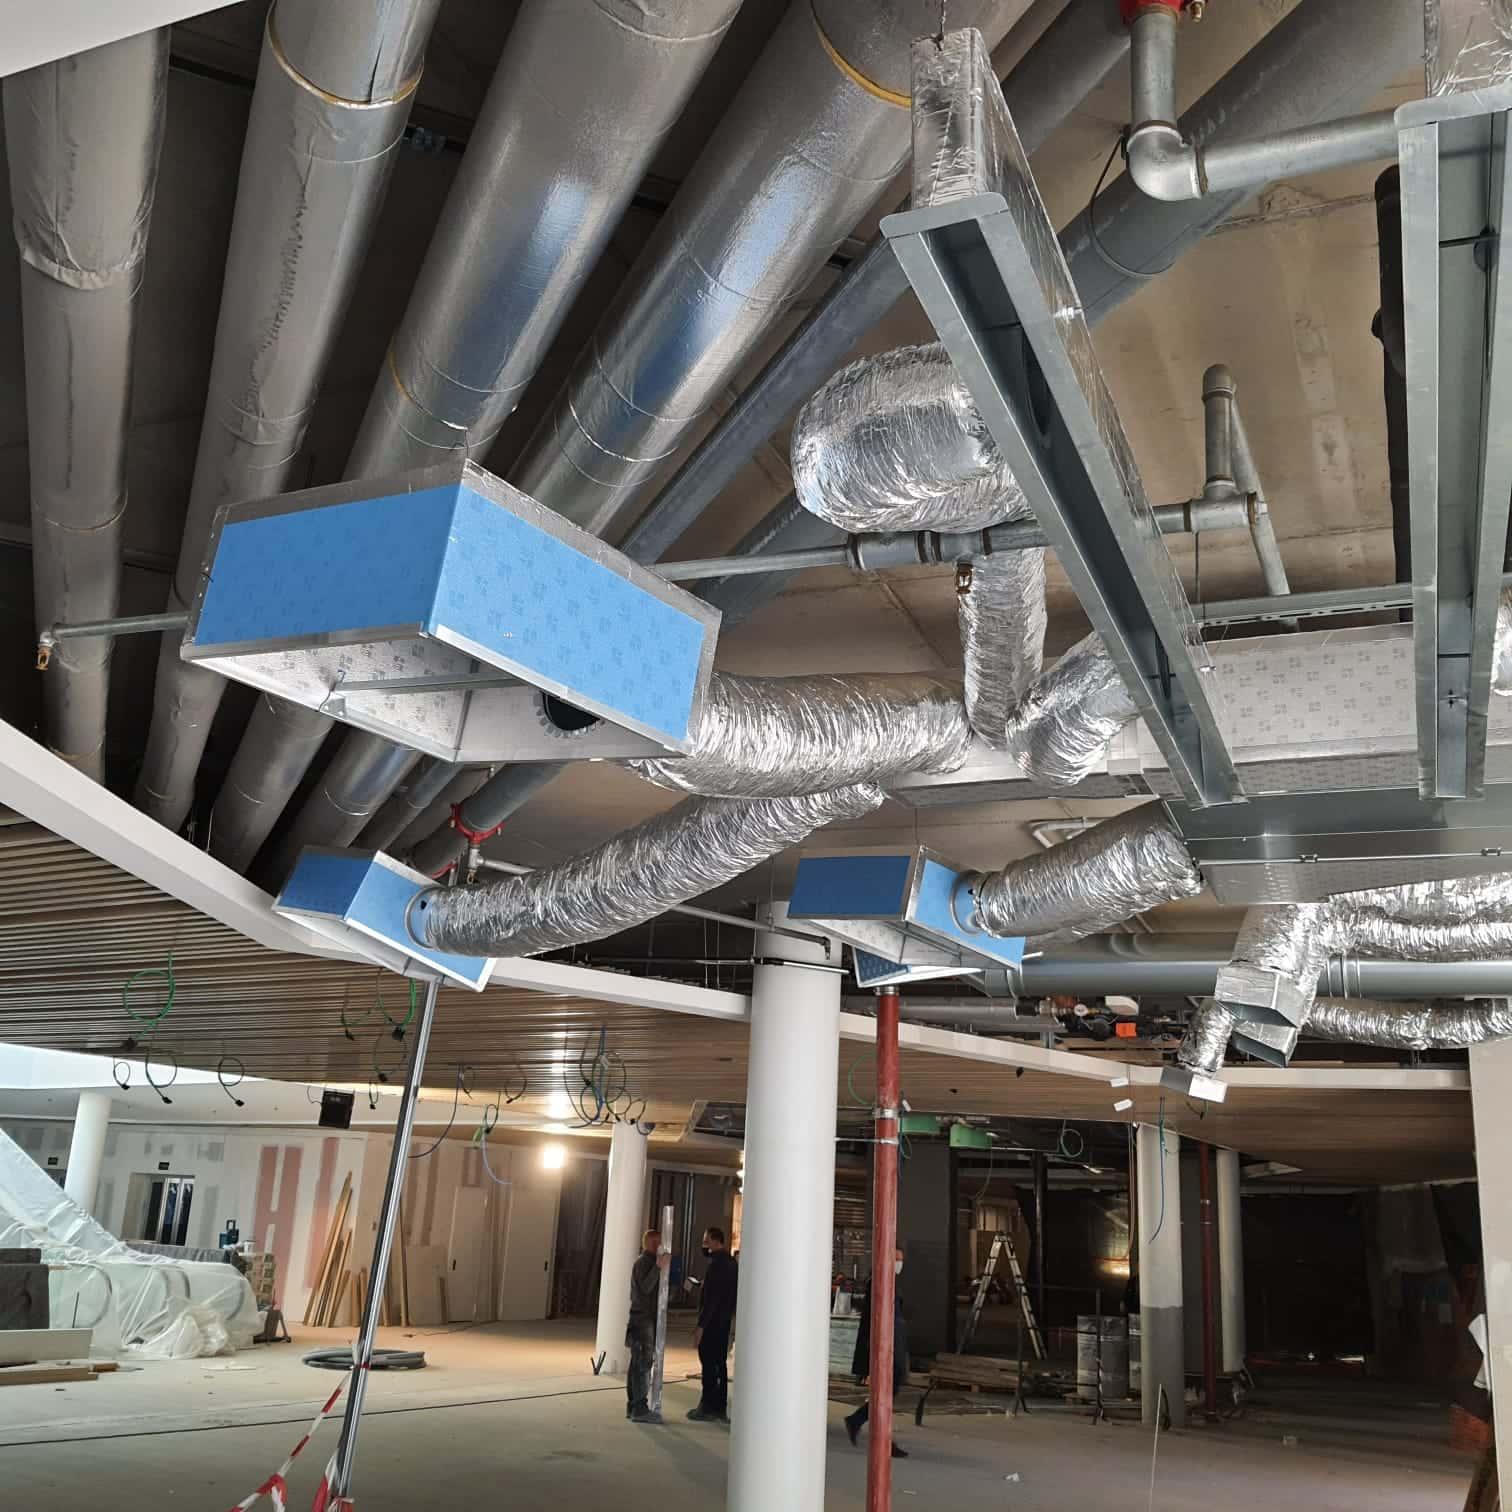 Impianto di trattamento ed espulsione aria presso attività commerciale 4